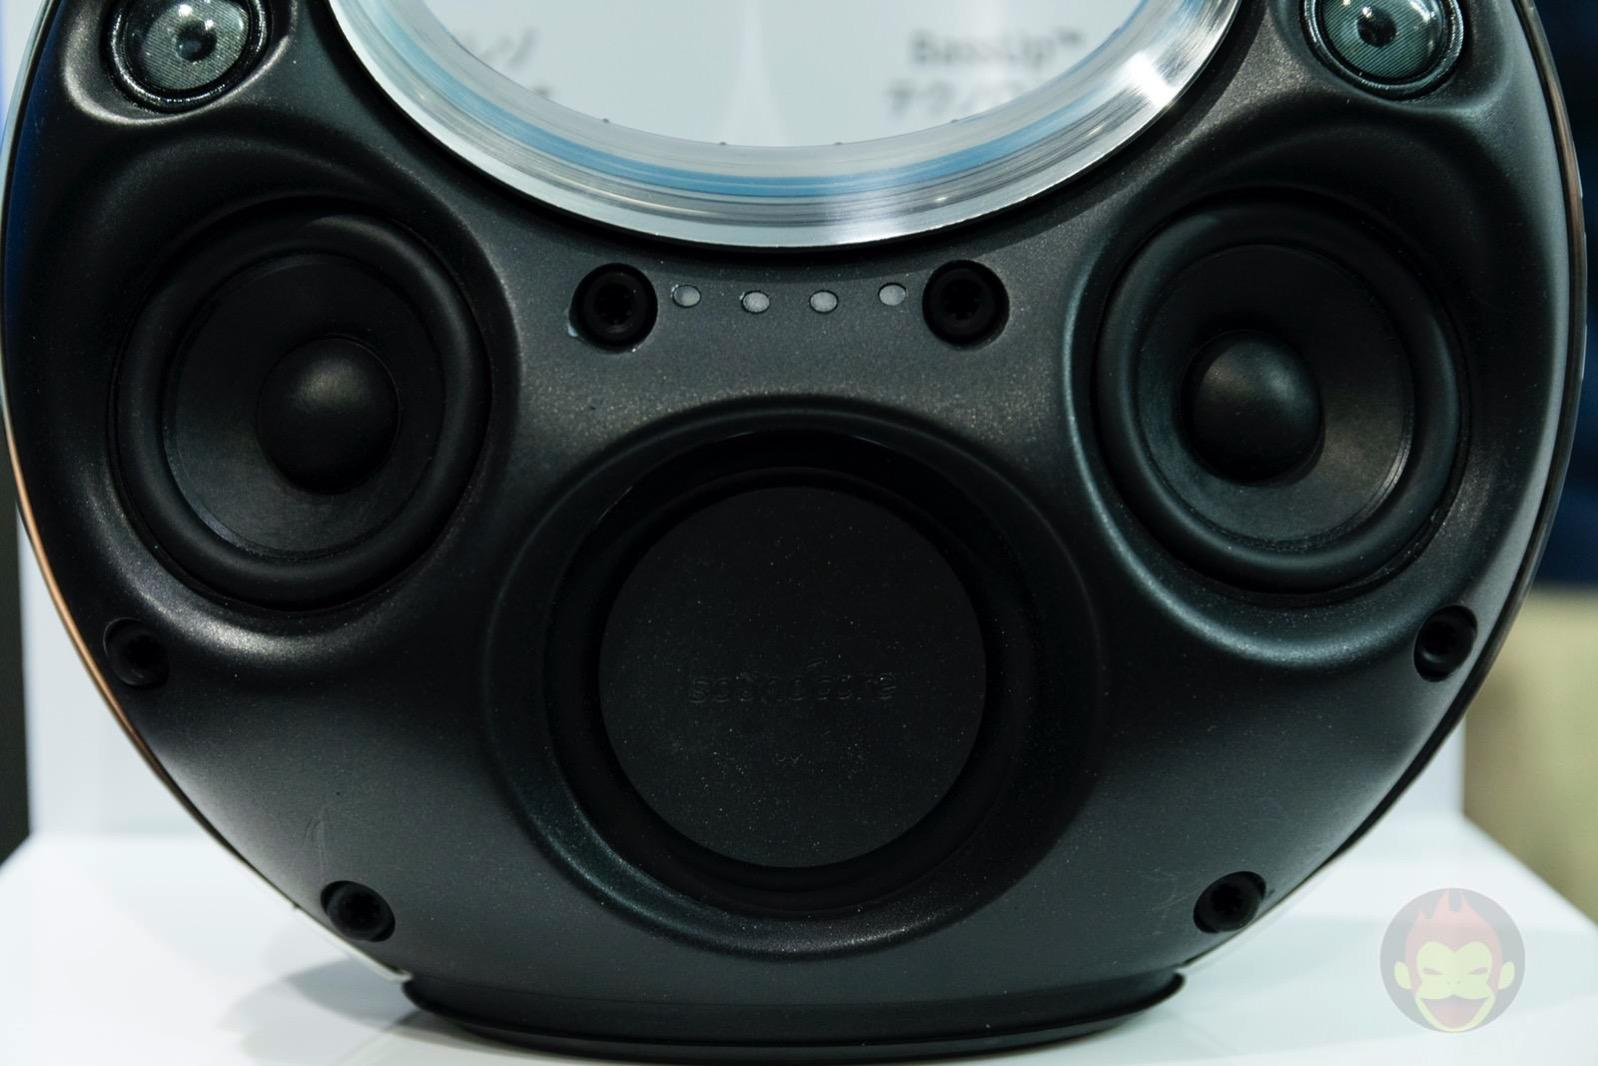 Anker-SoundCore-Model-Zero-02.jpg